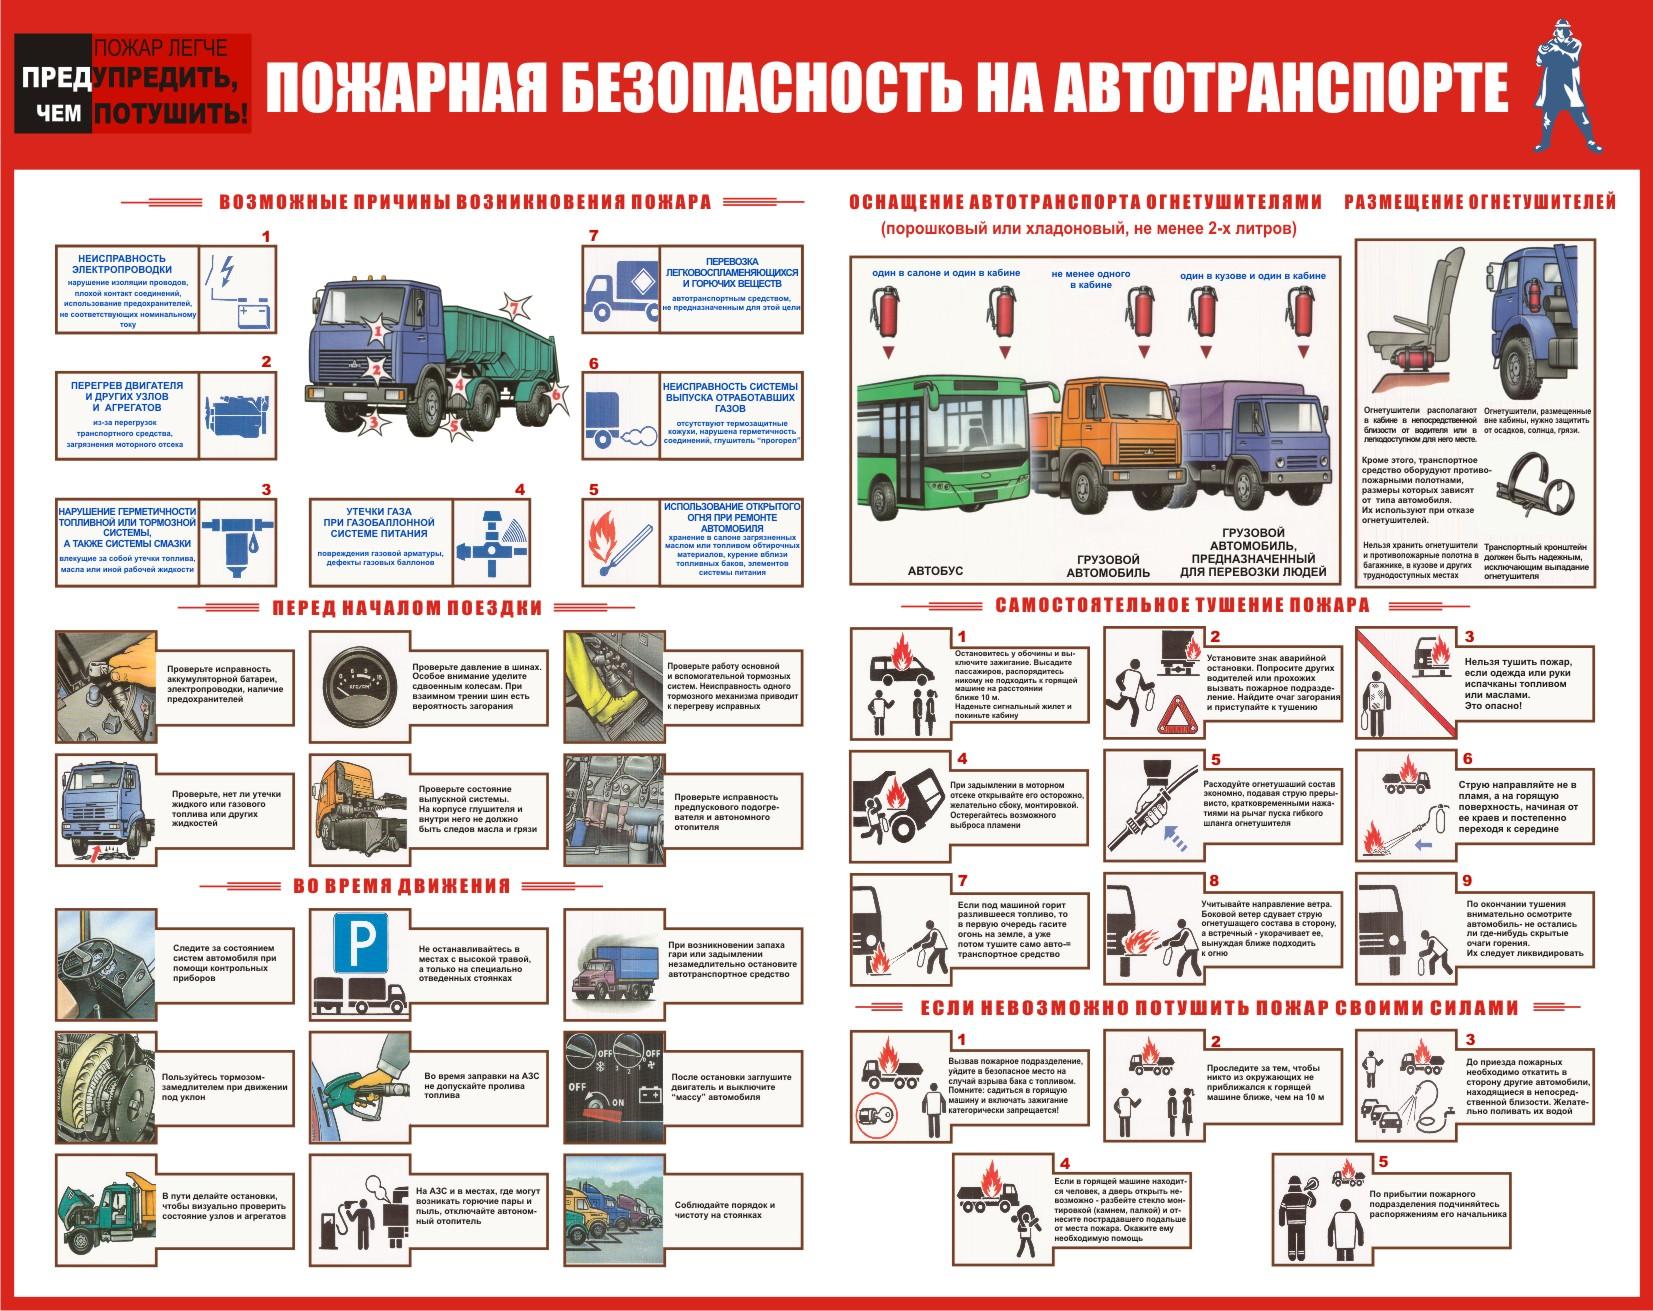 инструкция по предотвращению пожаров на автотранспорте